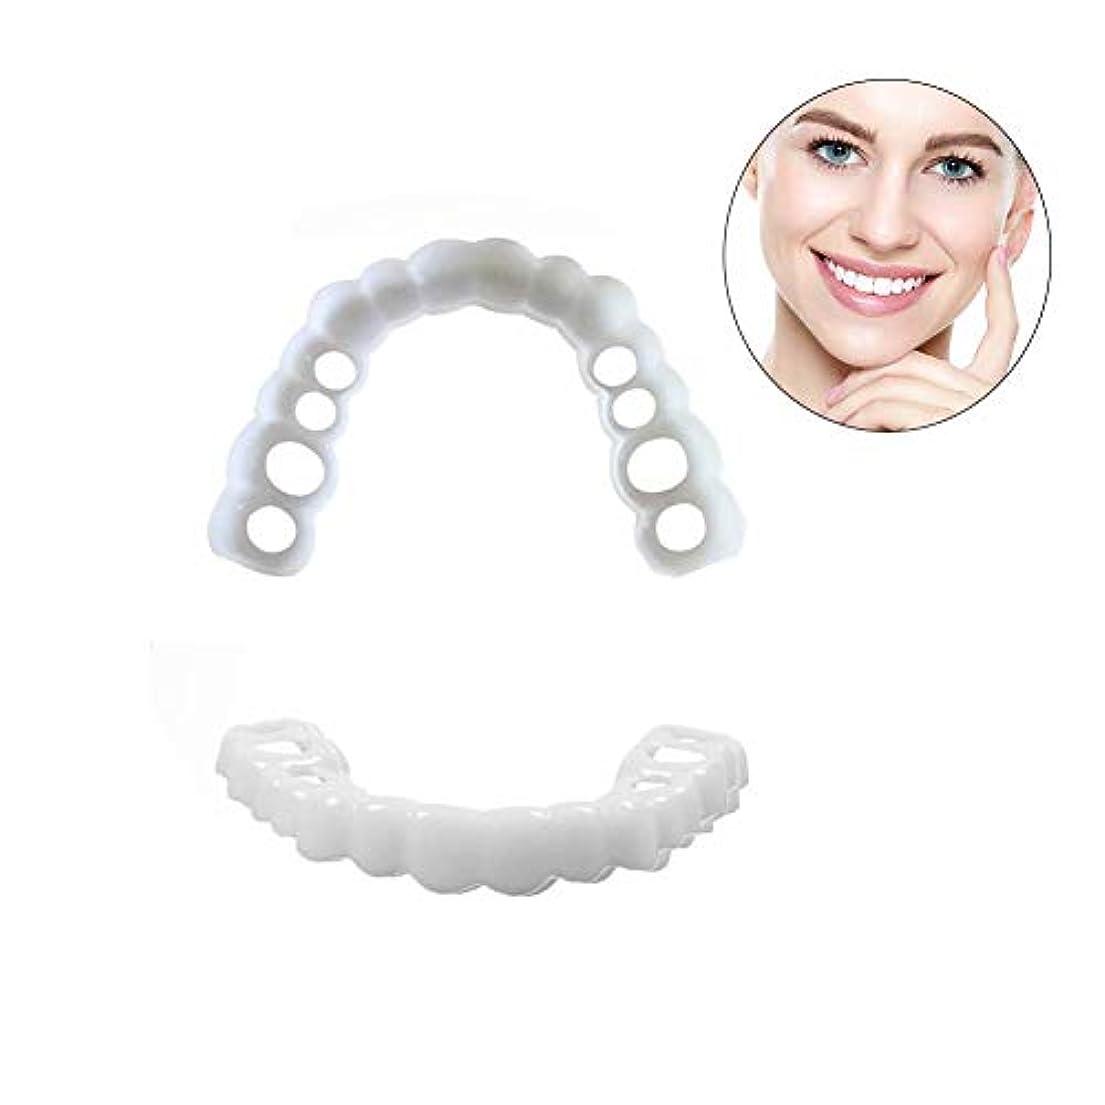 不変関係する爆発3ペア一時的な化粧品の歯義歯歯の化粧品模擬装具アッパーブレース+ロアブレース、インスタント快適なフレックスパーフェクトベニアの歯スナップキャップ